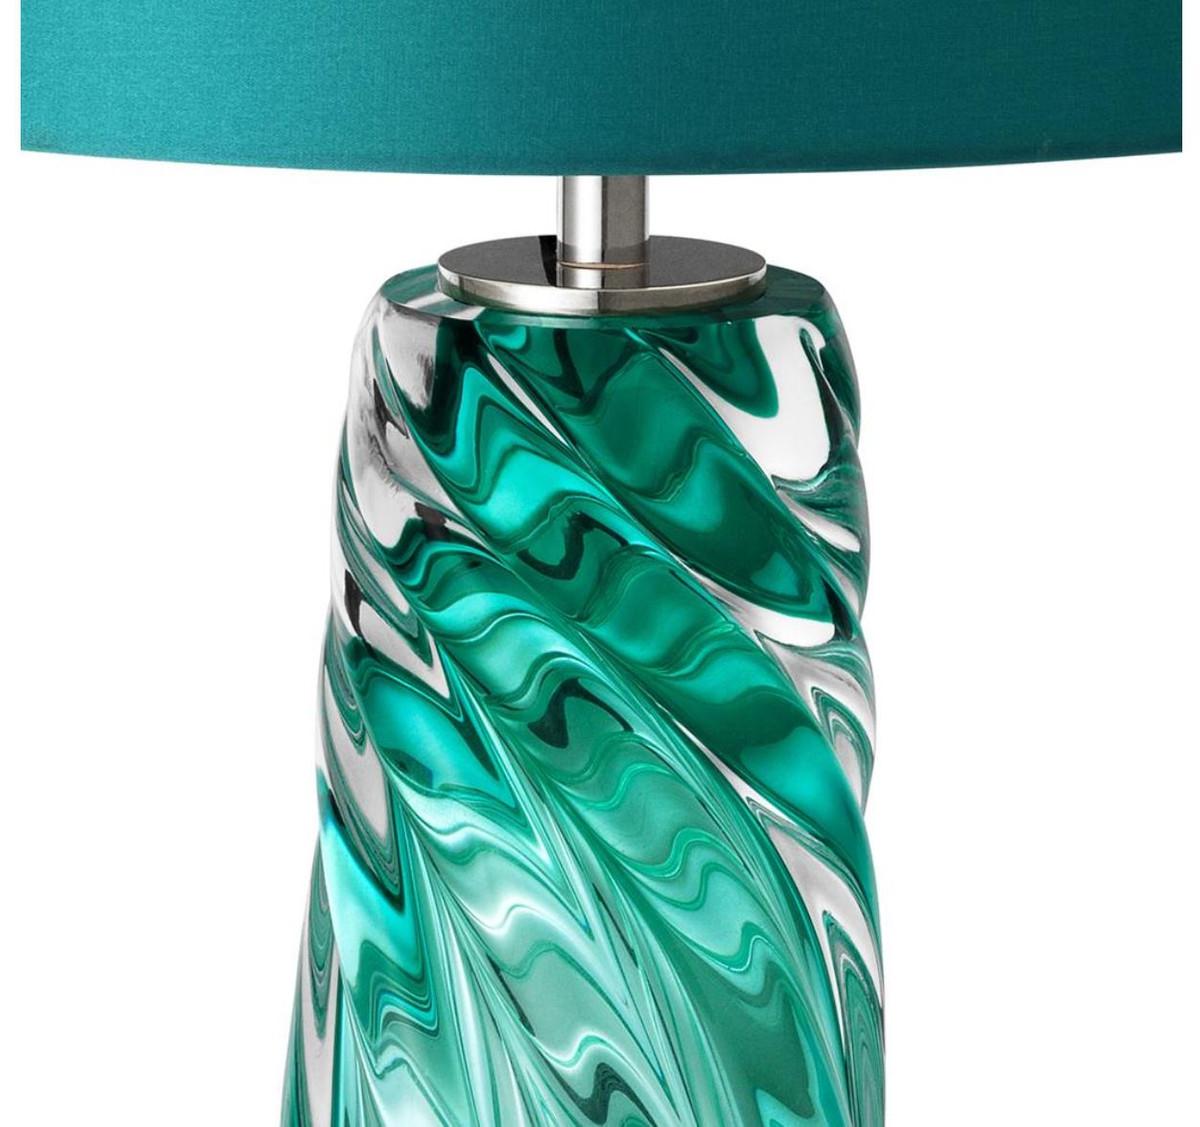 Casa Padrino Lampada Da Tavolo Design Turchese 17 X 42 X H 67 Cm Collezione Di Lusso Casa Padrino De